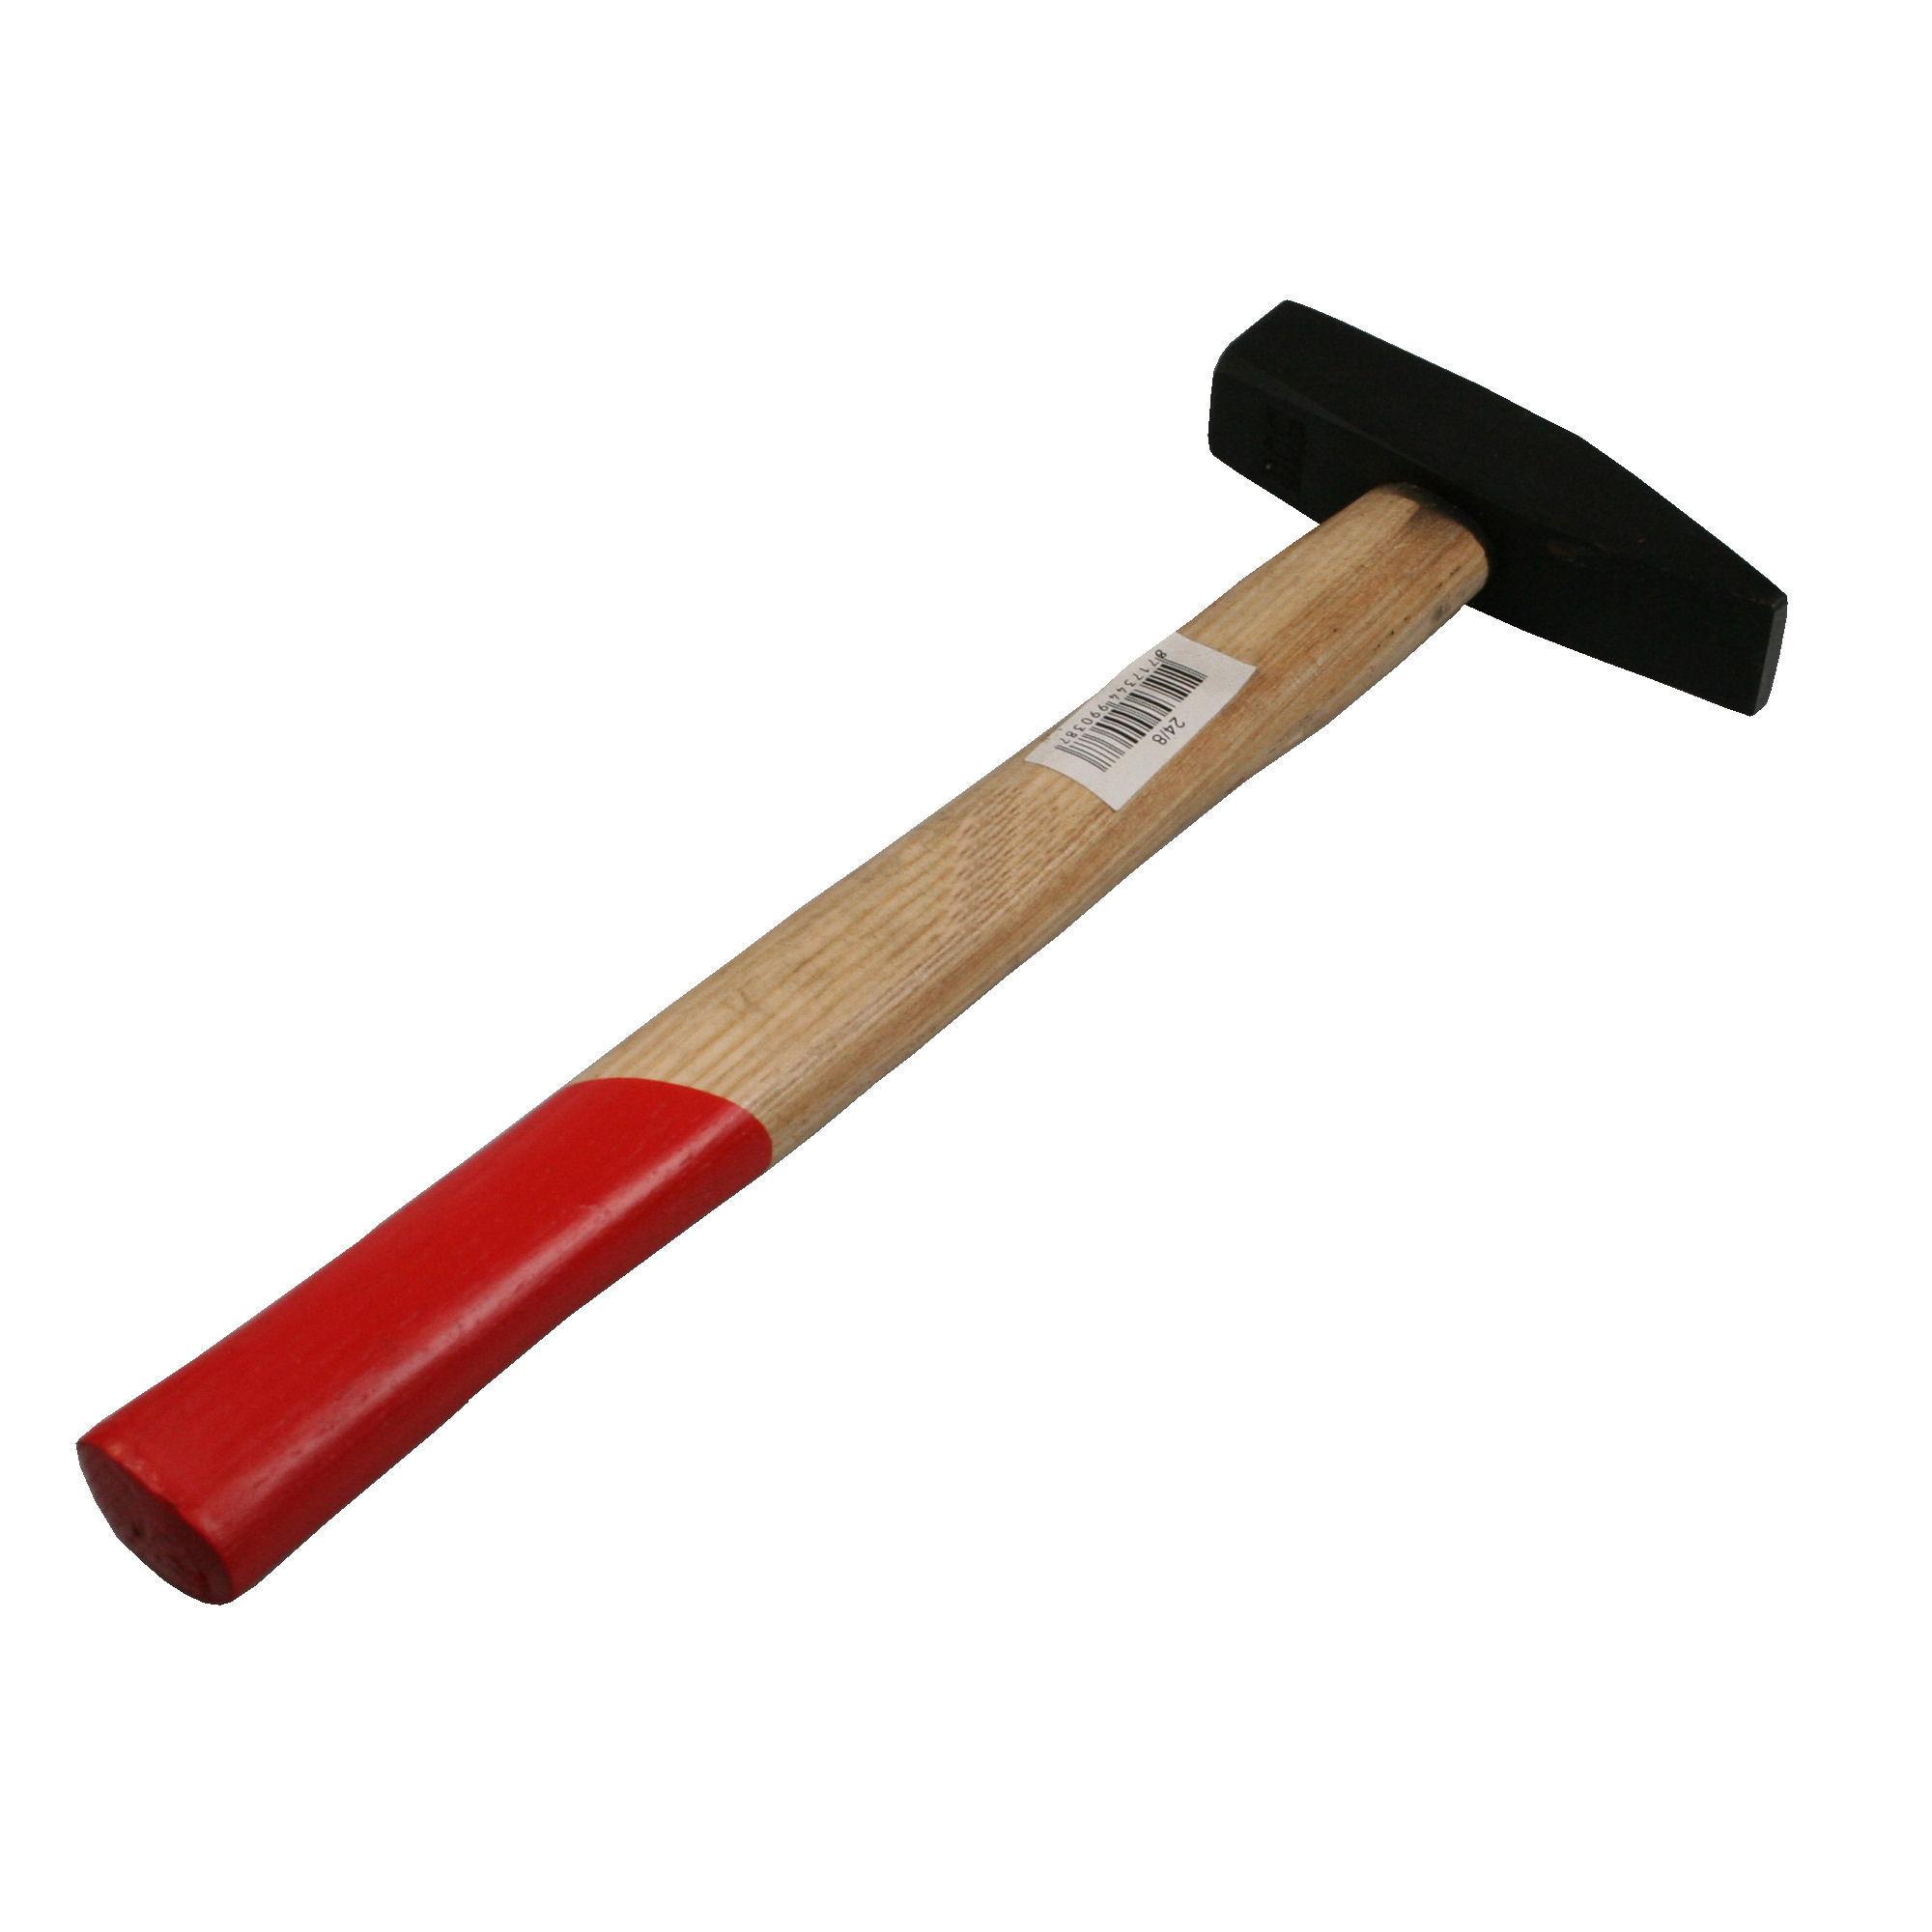 Bankhamer hamer 30 cm met houten steel 500 gram